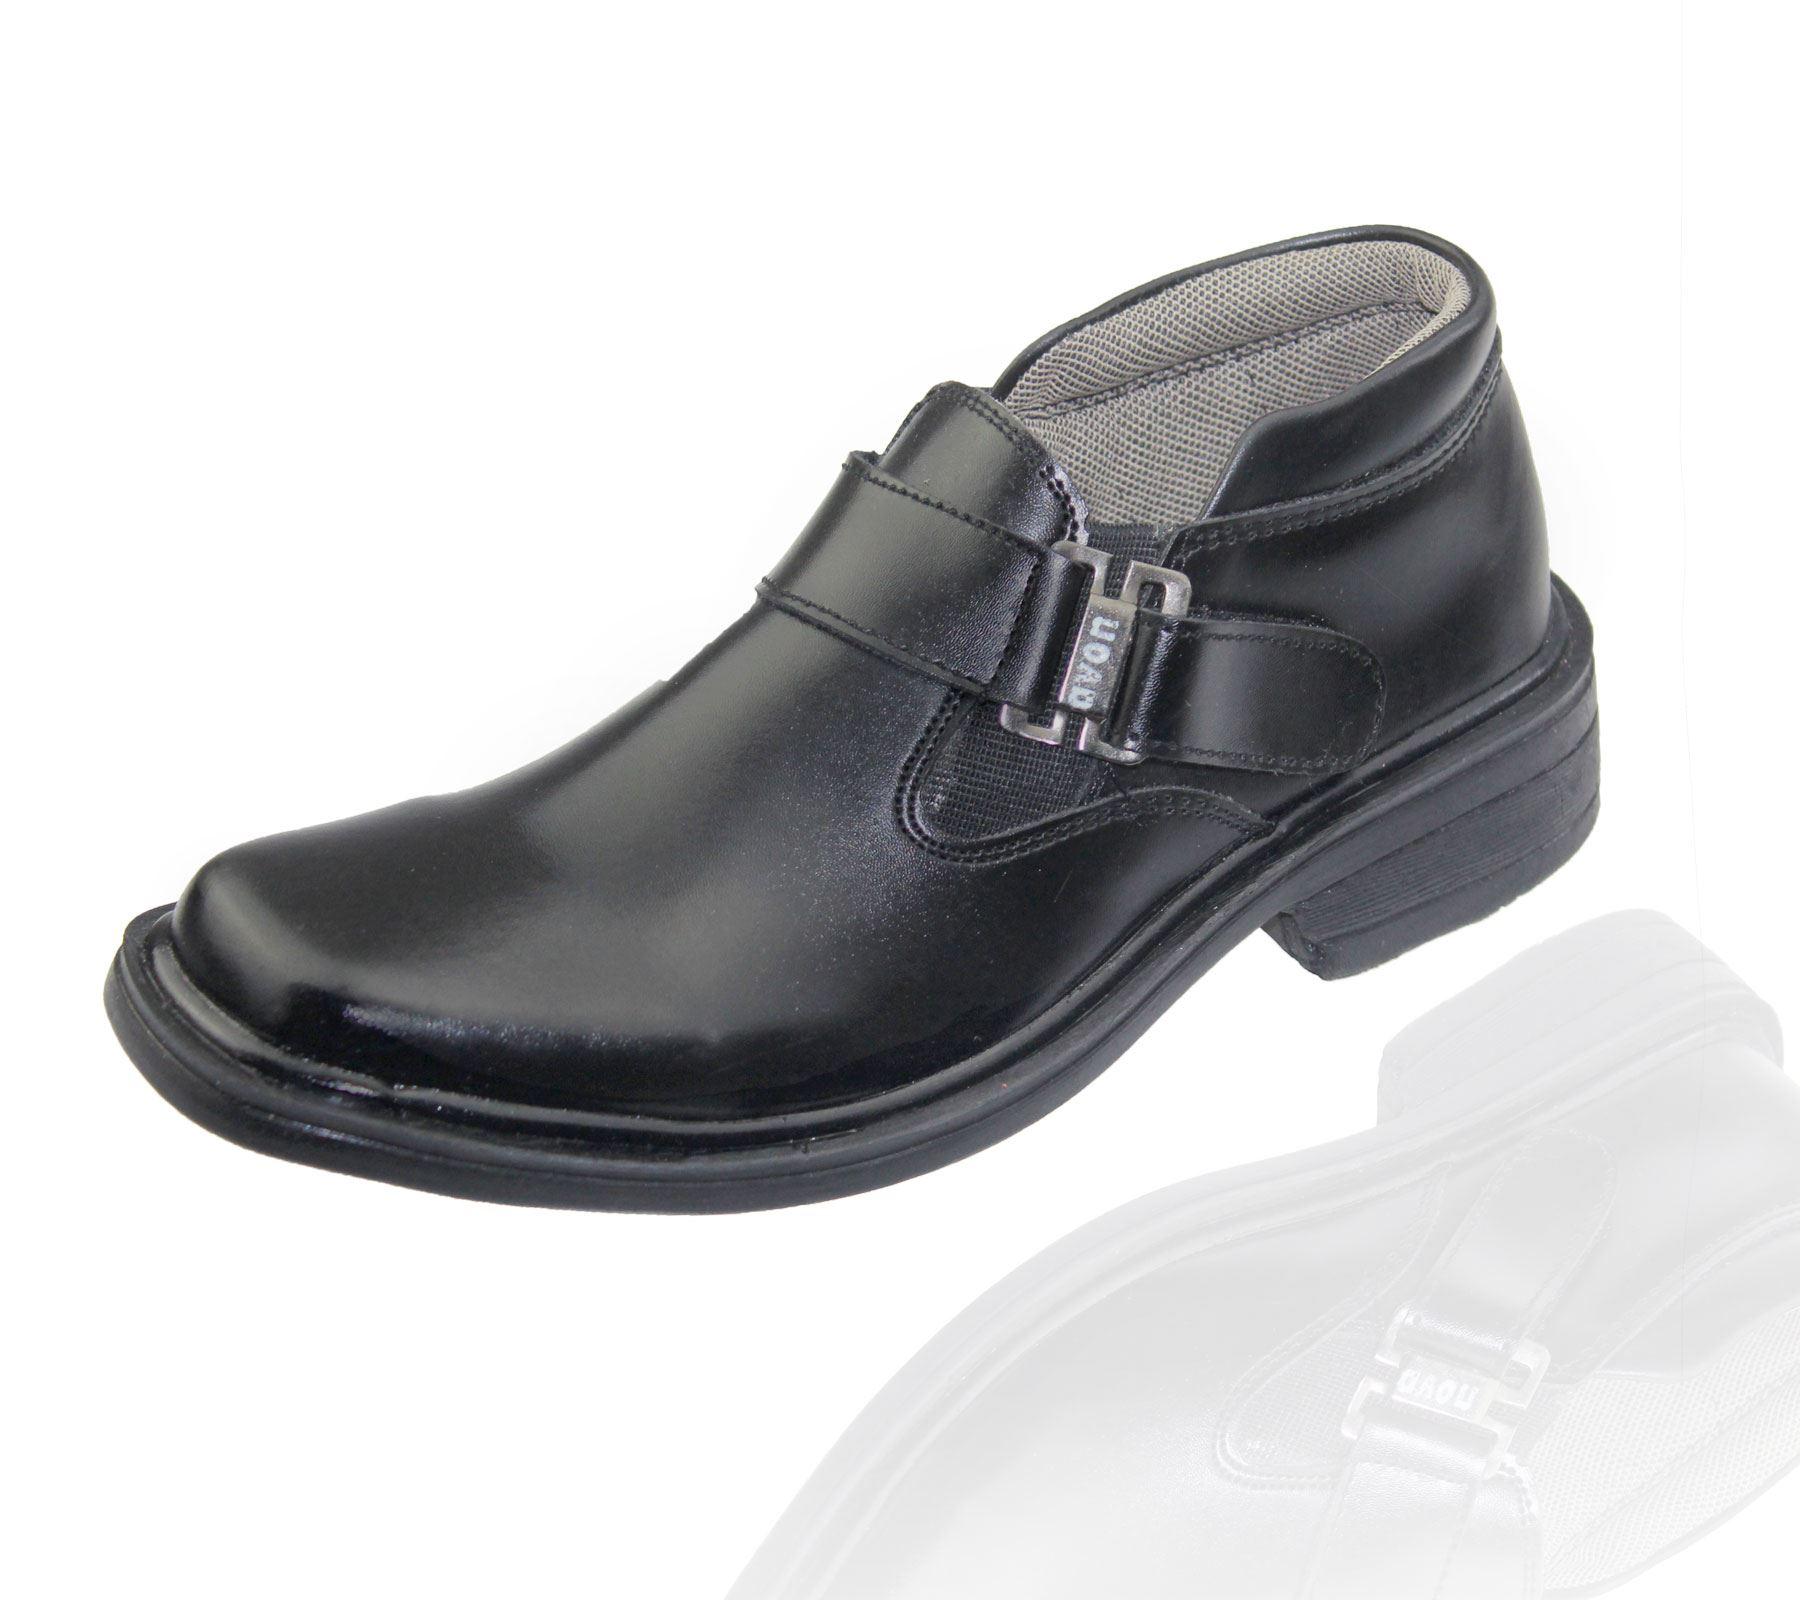 Zapatos De Escuela Niños Boda Formal Vestido Infantil Bautizo Inteligente Negro entrenador